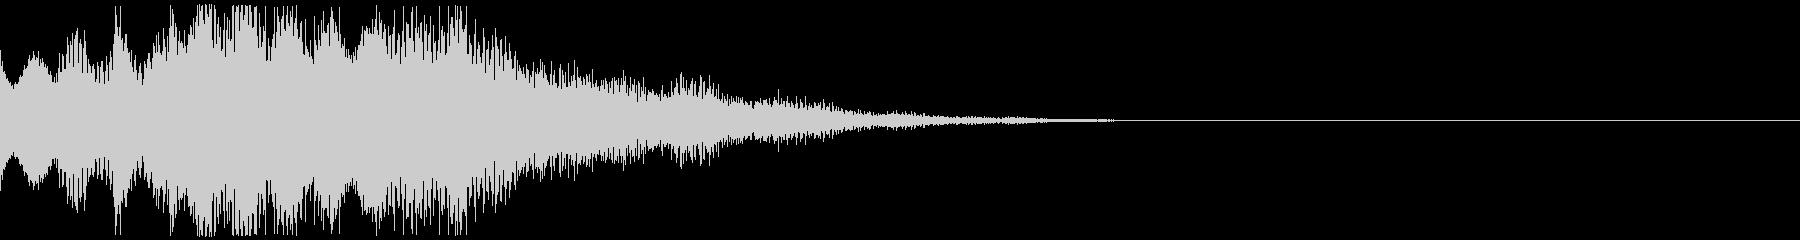 シンセベルとパッドがメインのジングルの未再生の波形